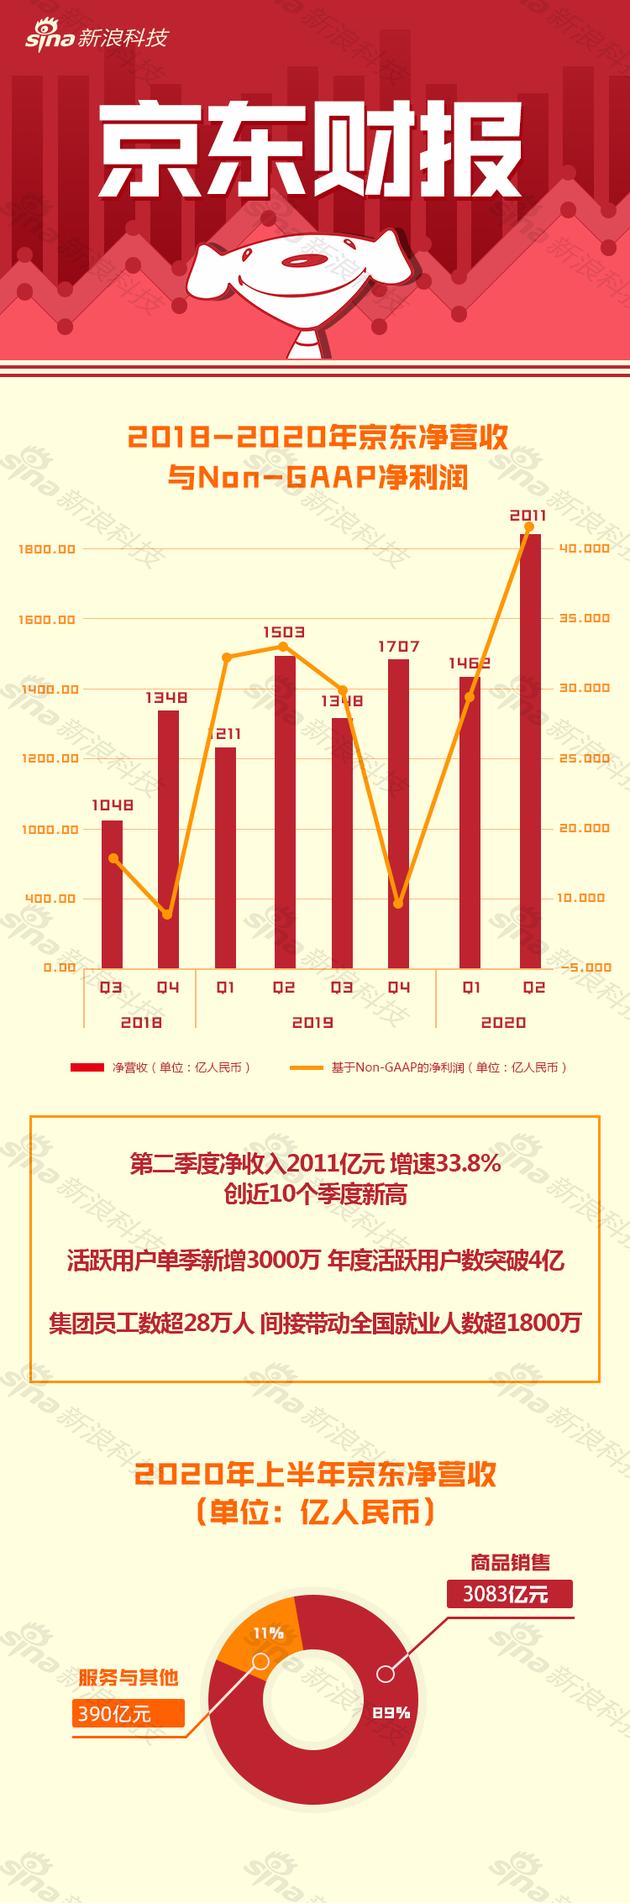 一图看懂京东二季度财报:营收2011亿元